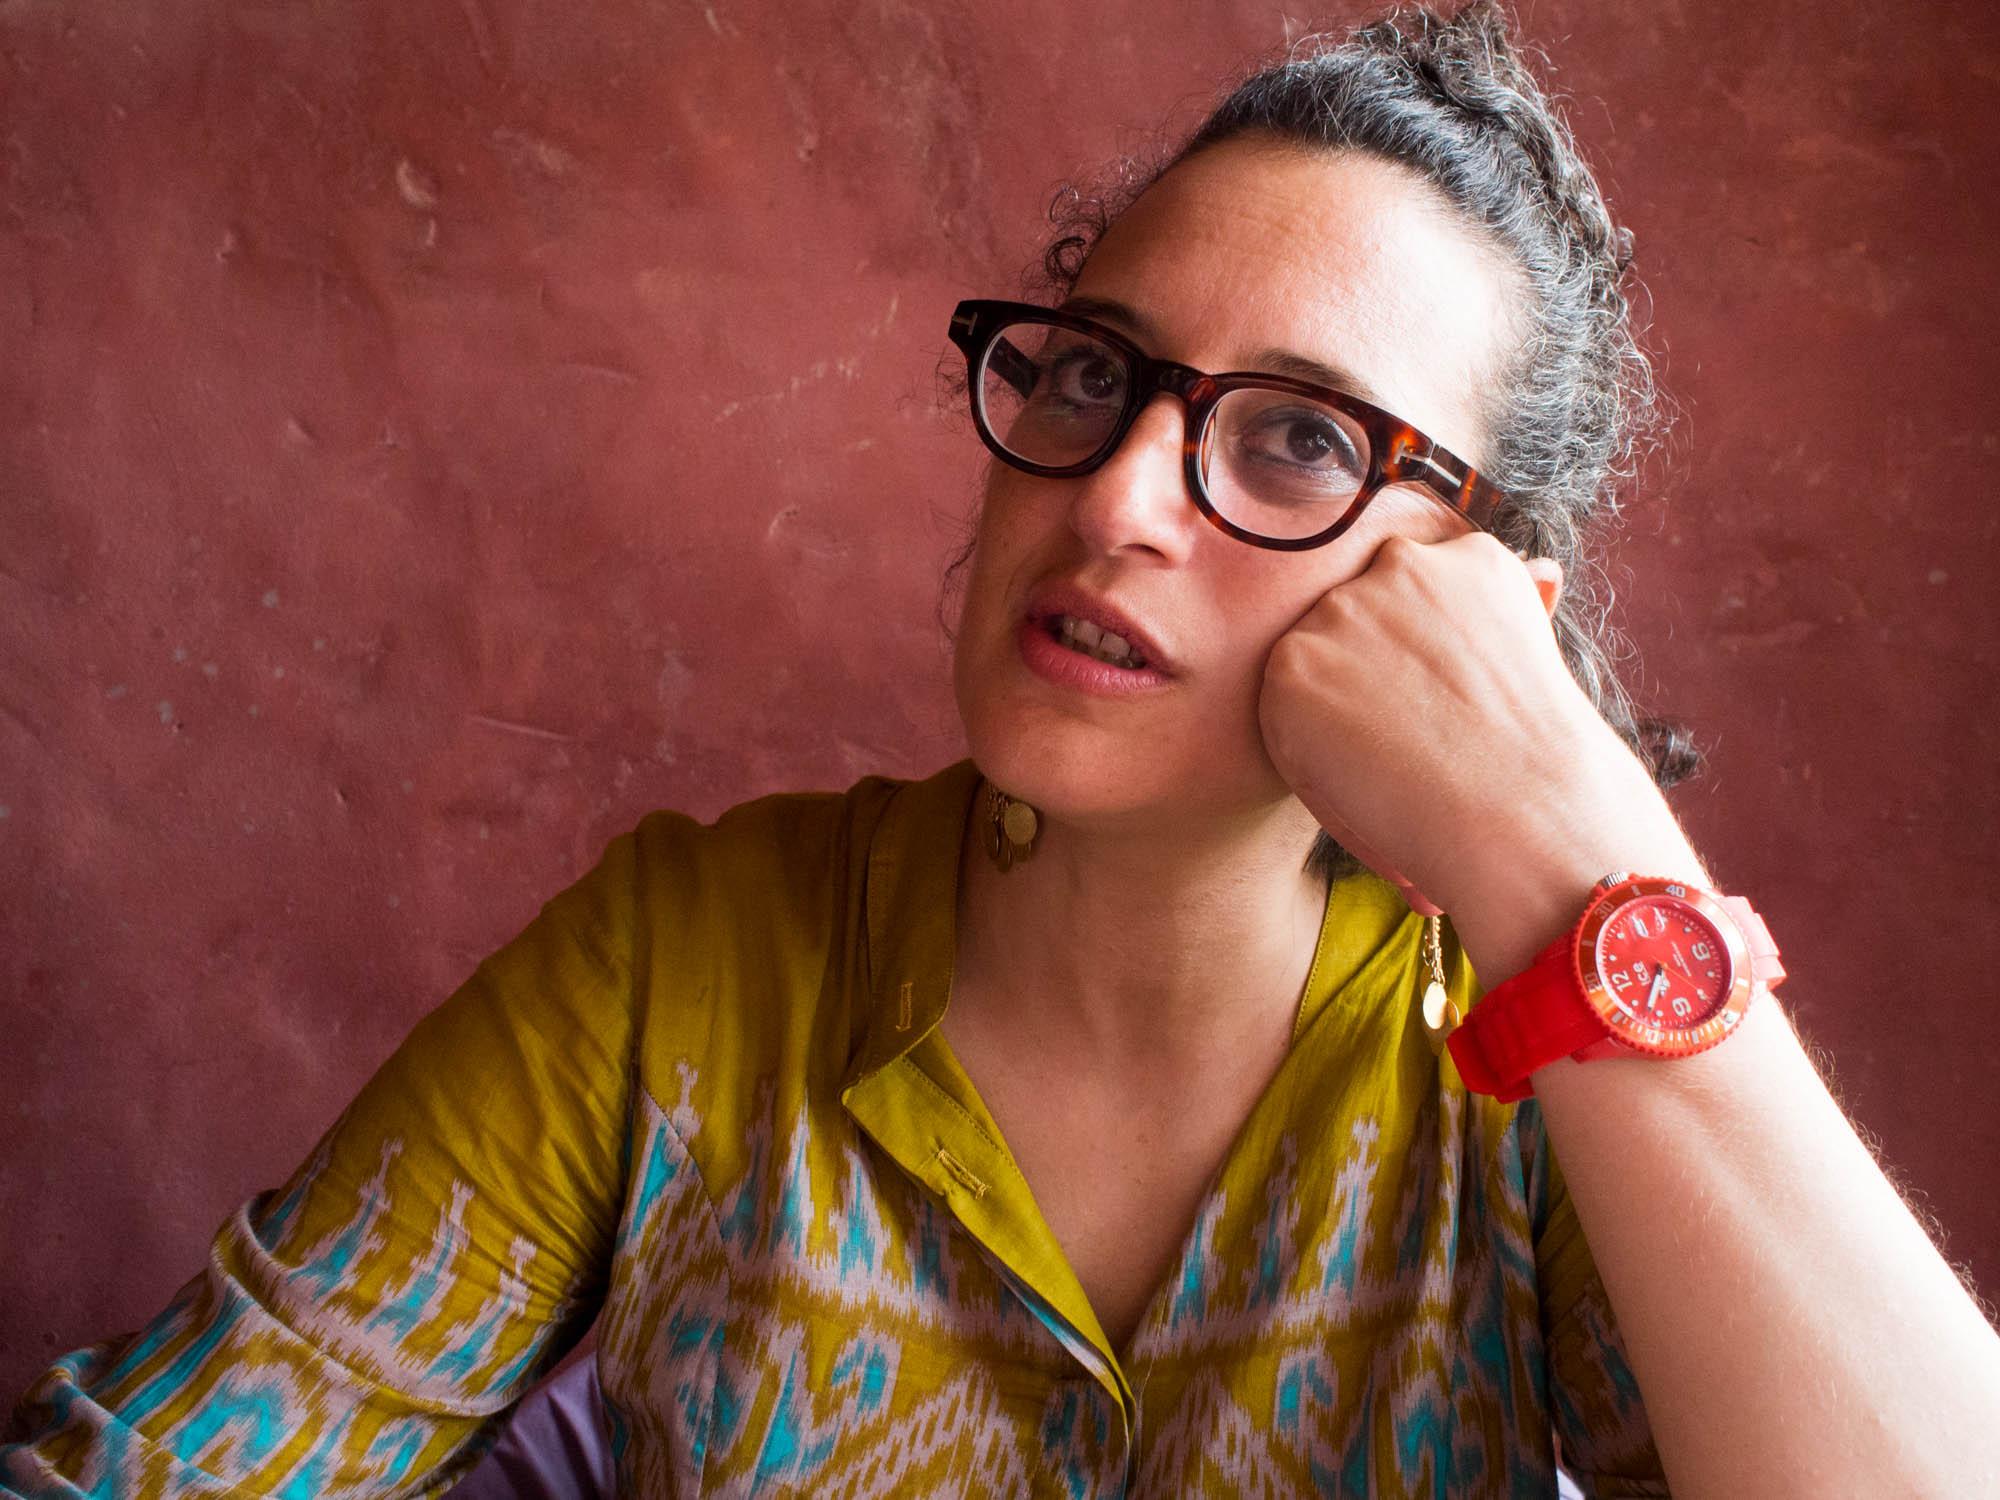 رشا سلطي: ركّزت تظاهرة مارسيليا على صانعي صور فلسطين وسردياتها